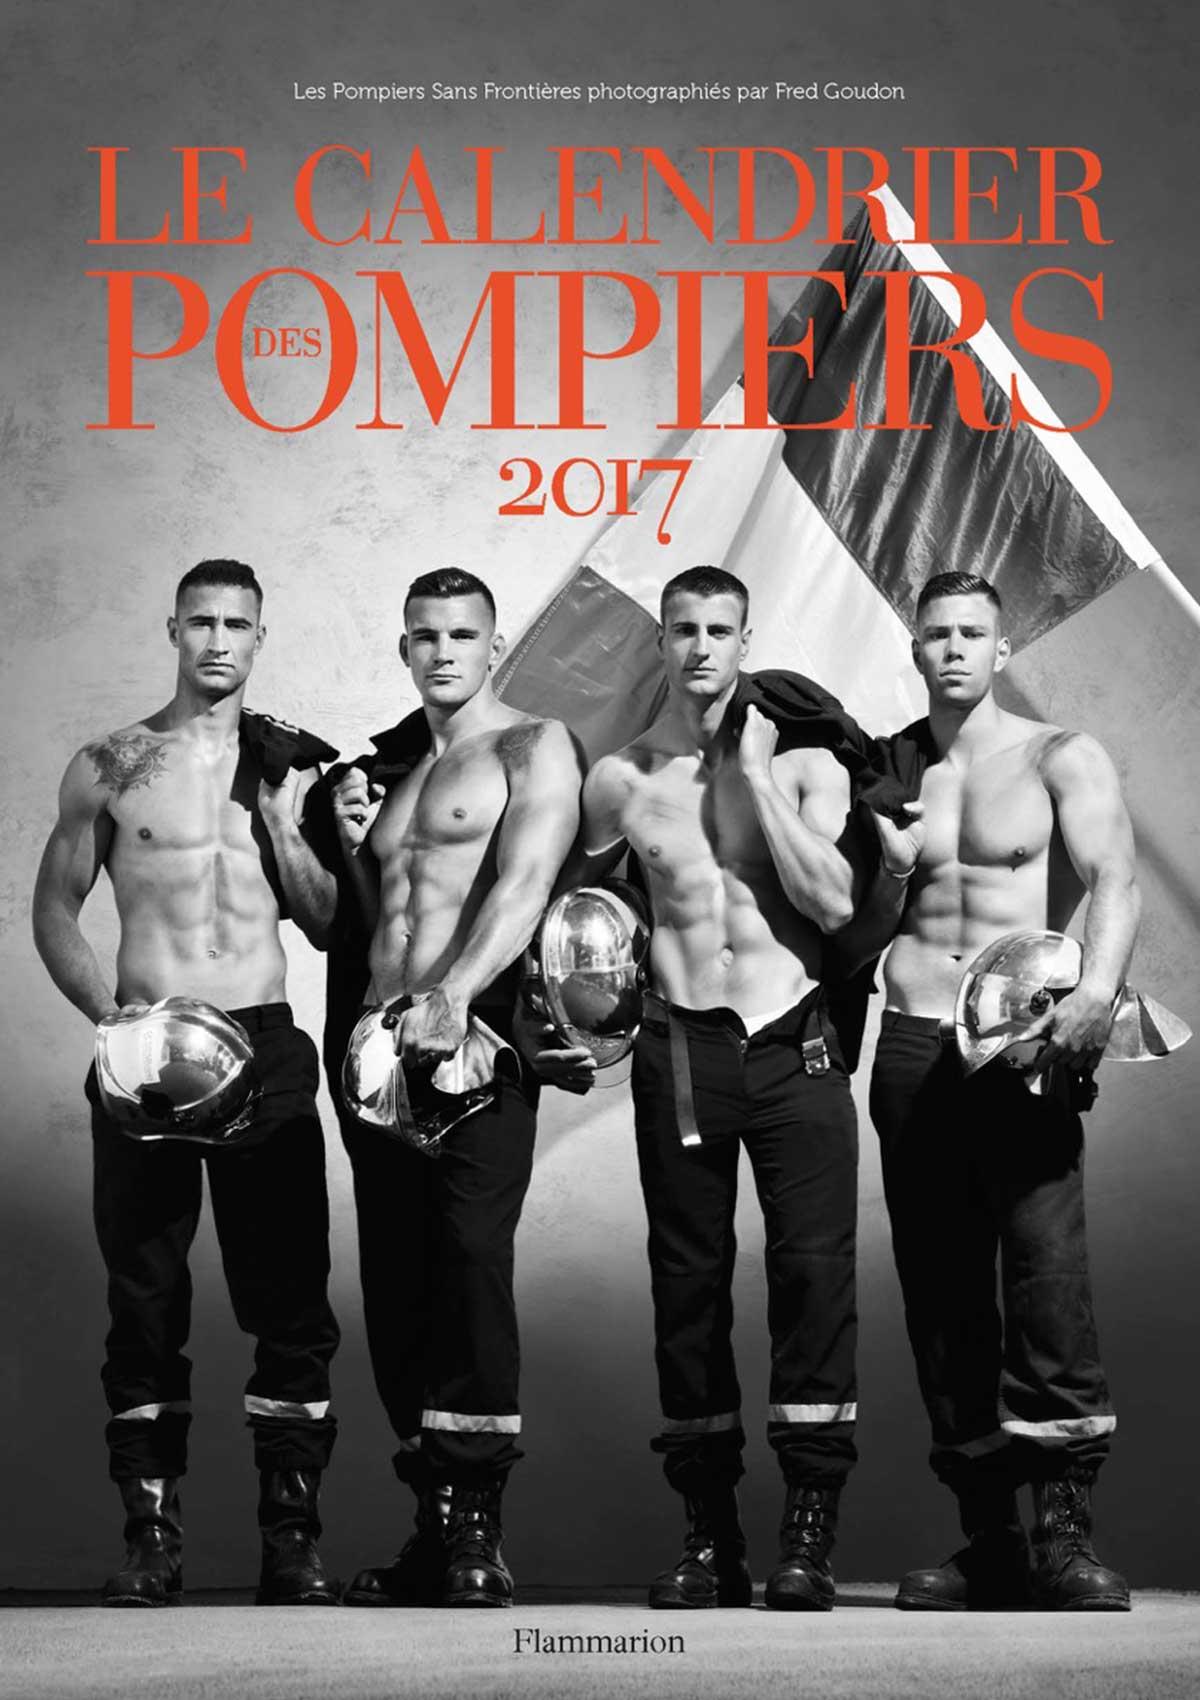 pompiers-sans-frontieres-calendrier-2017